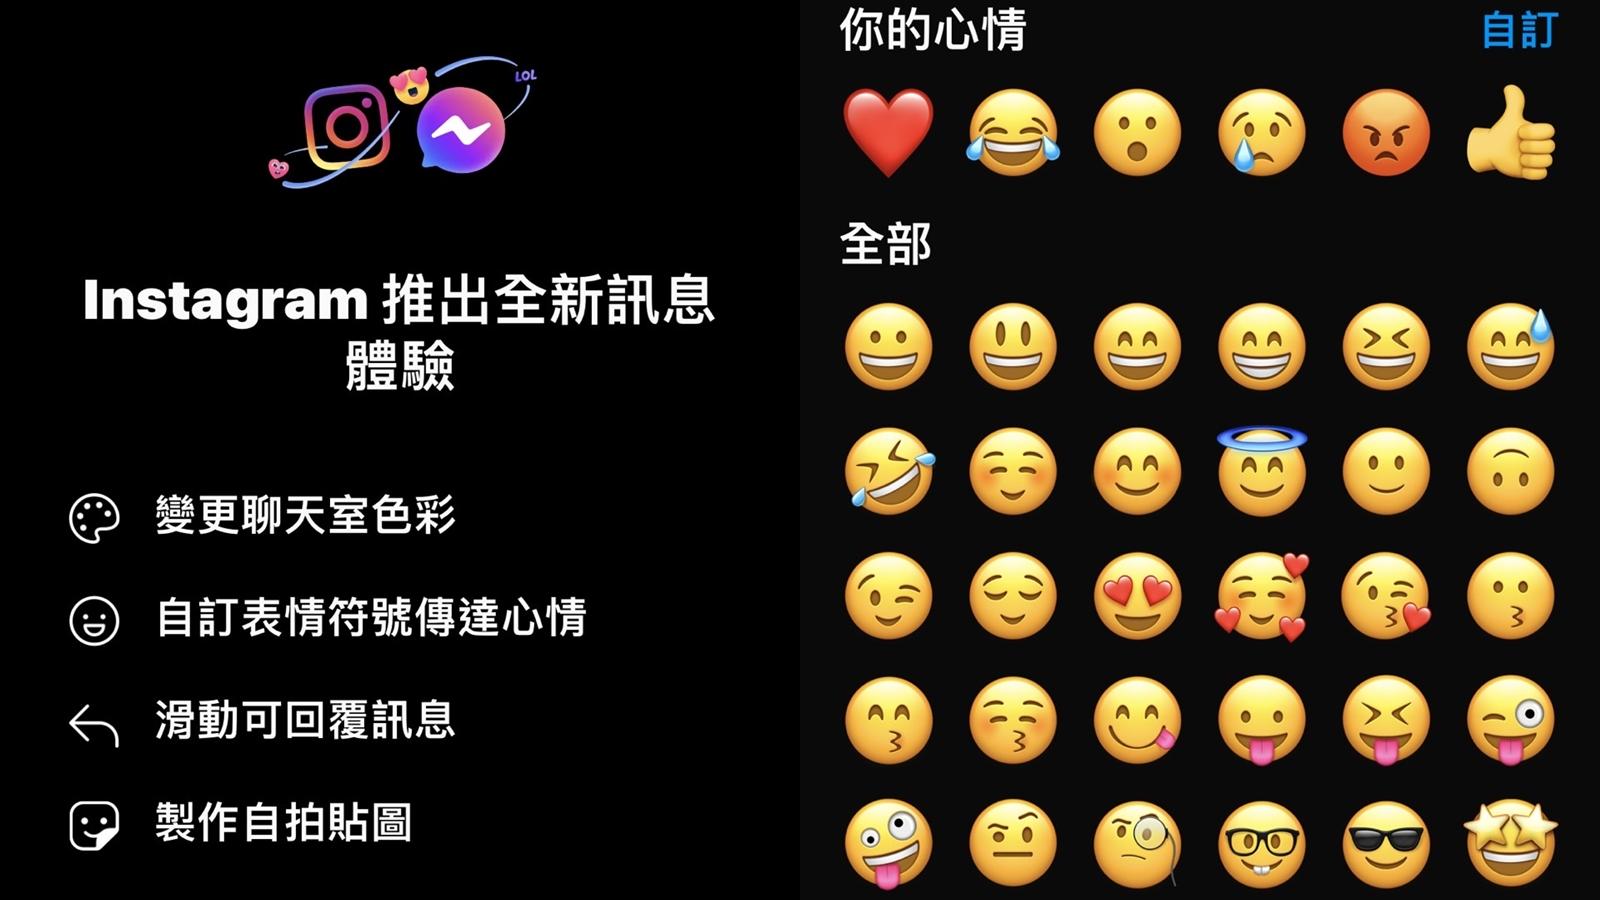 【科技新知】Instagram(IG) 聊天室訊息如何更新?可傳送自訂Emoji表情!